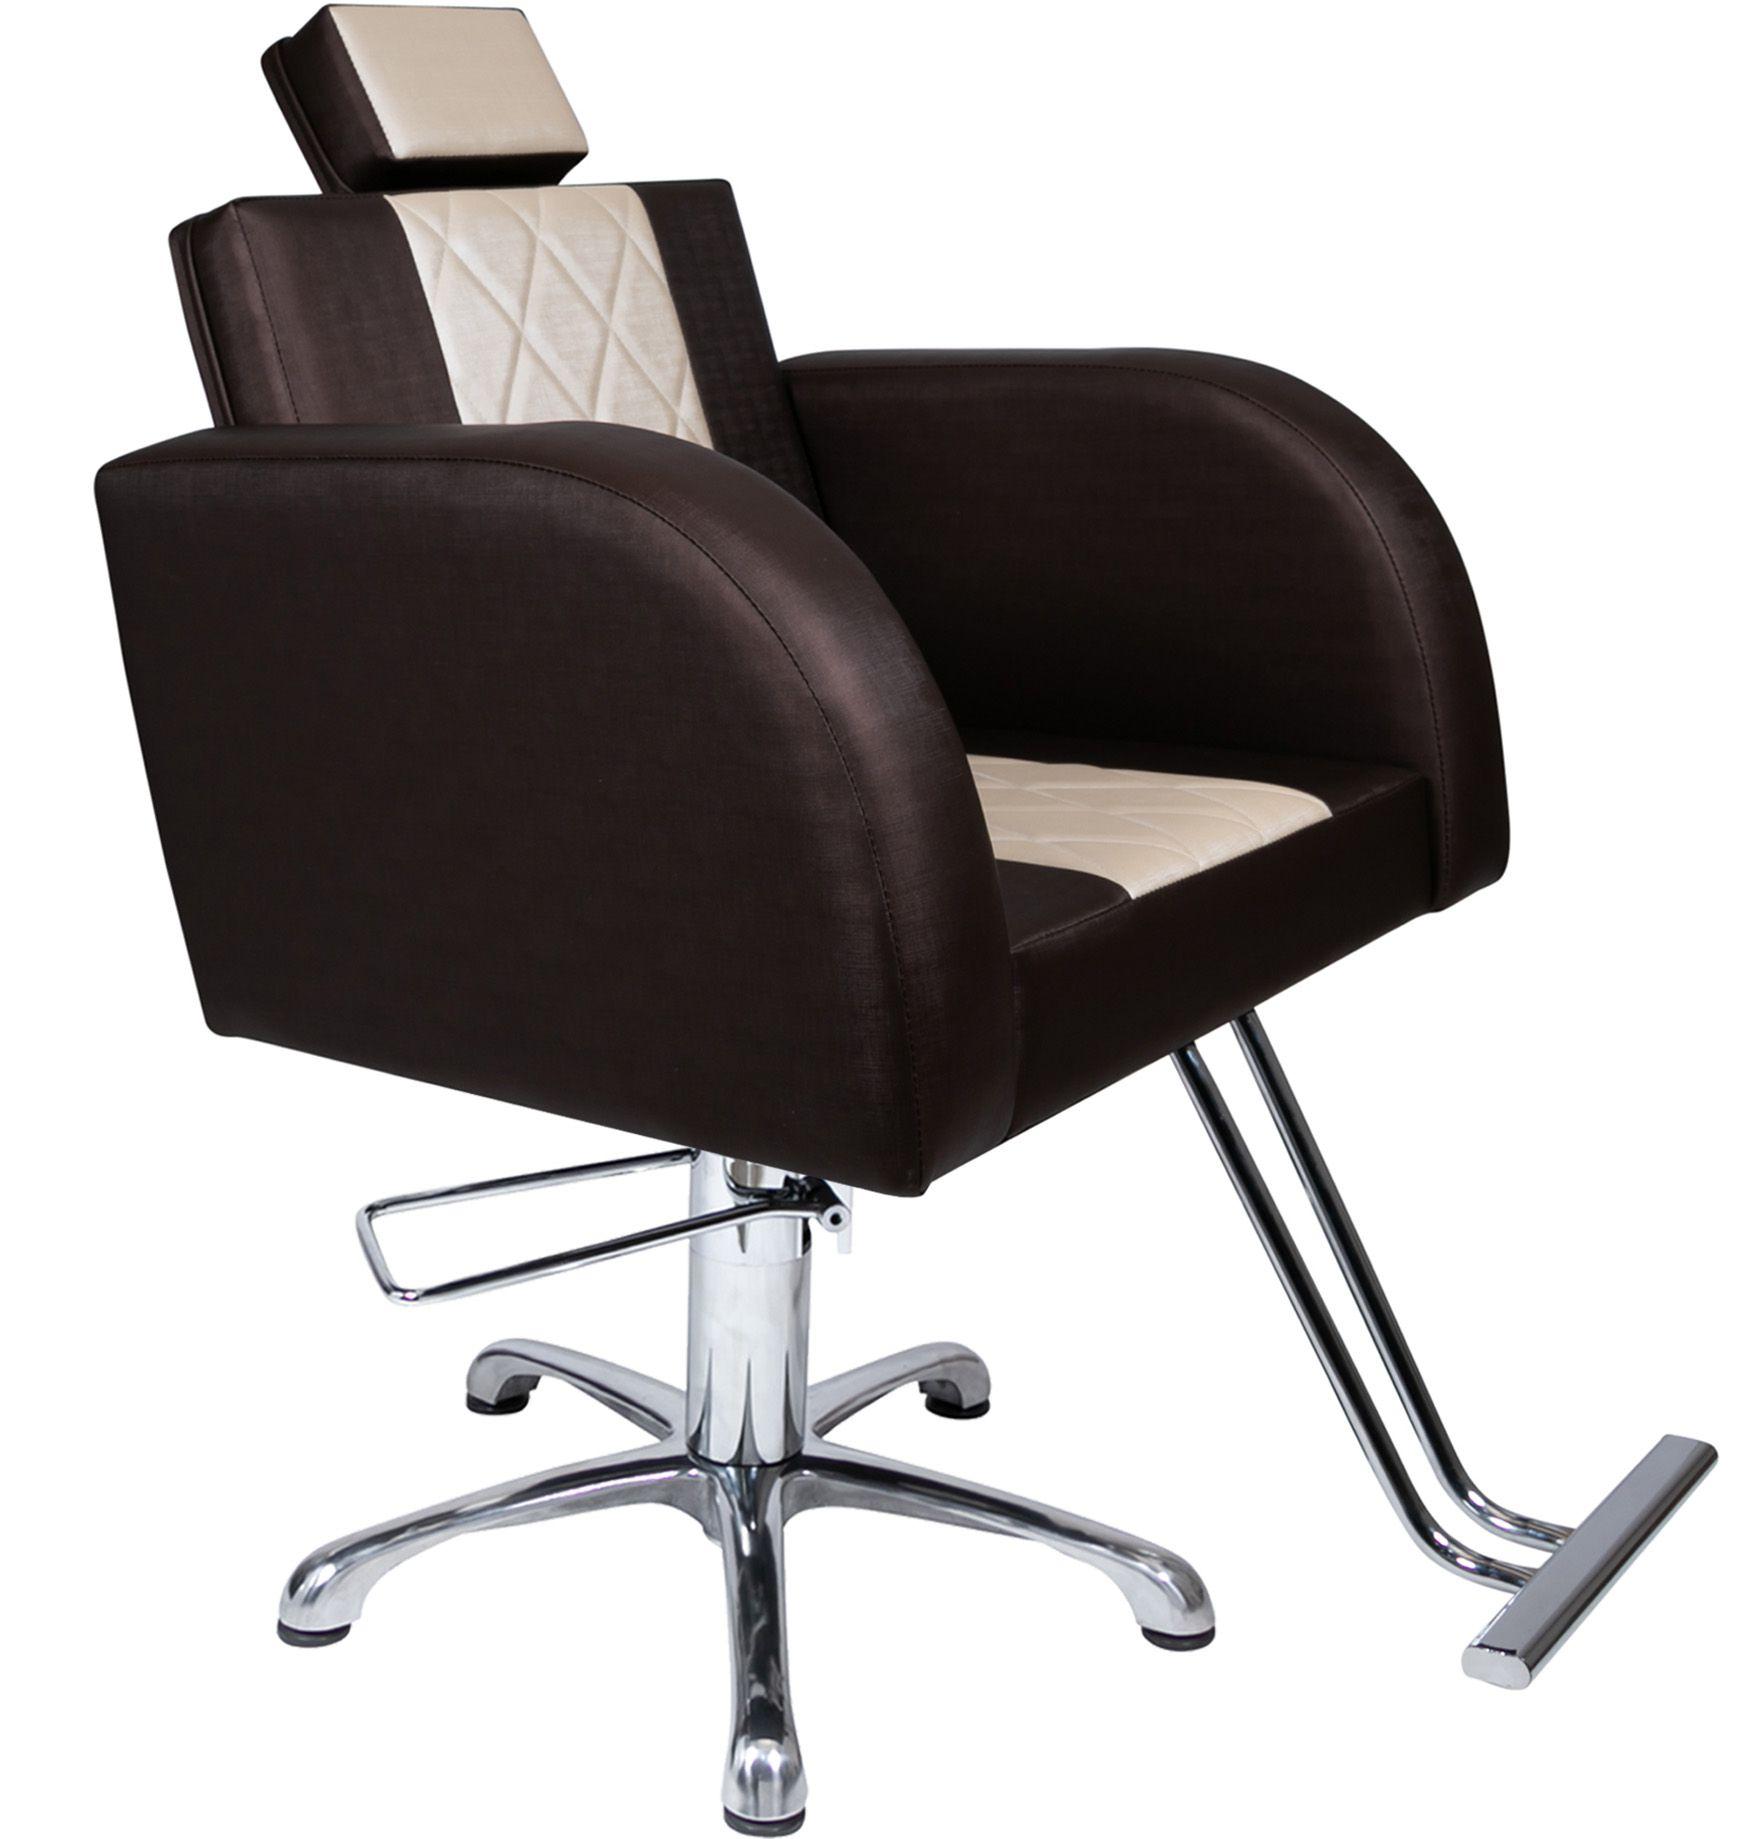 Lavatório Stilo Marrom/Bco - Cuba de Louça + Cadeira Stilo Fixo